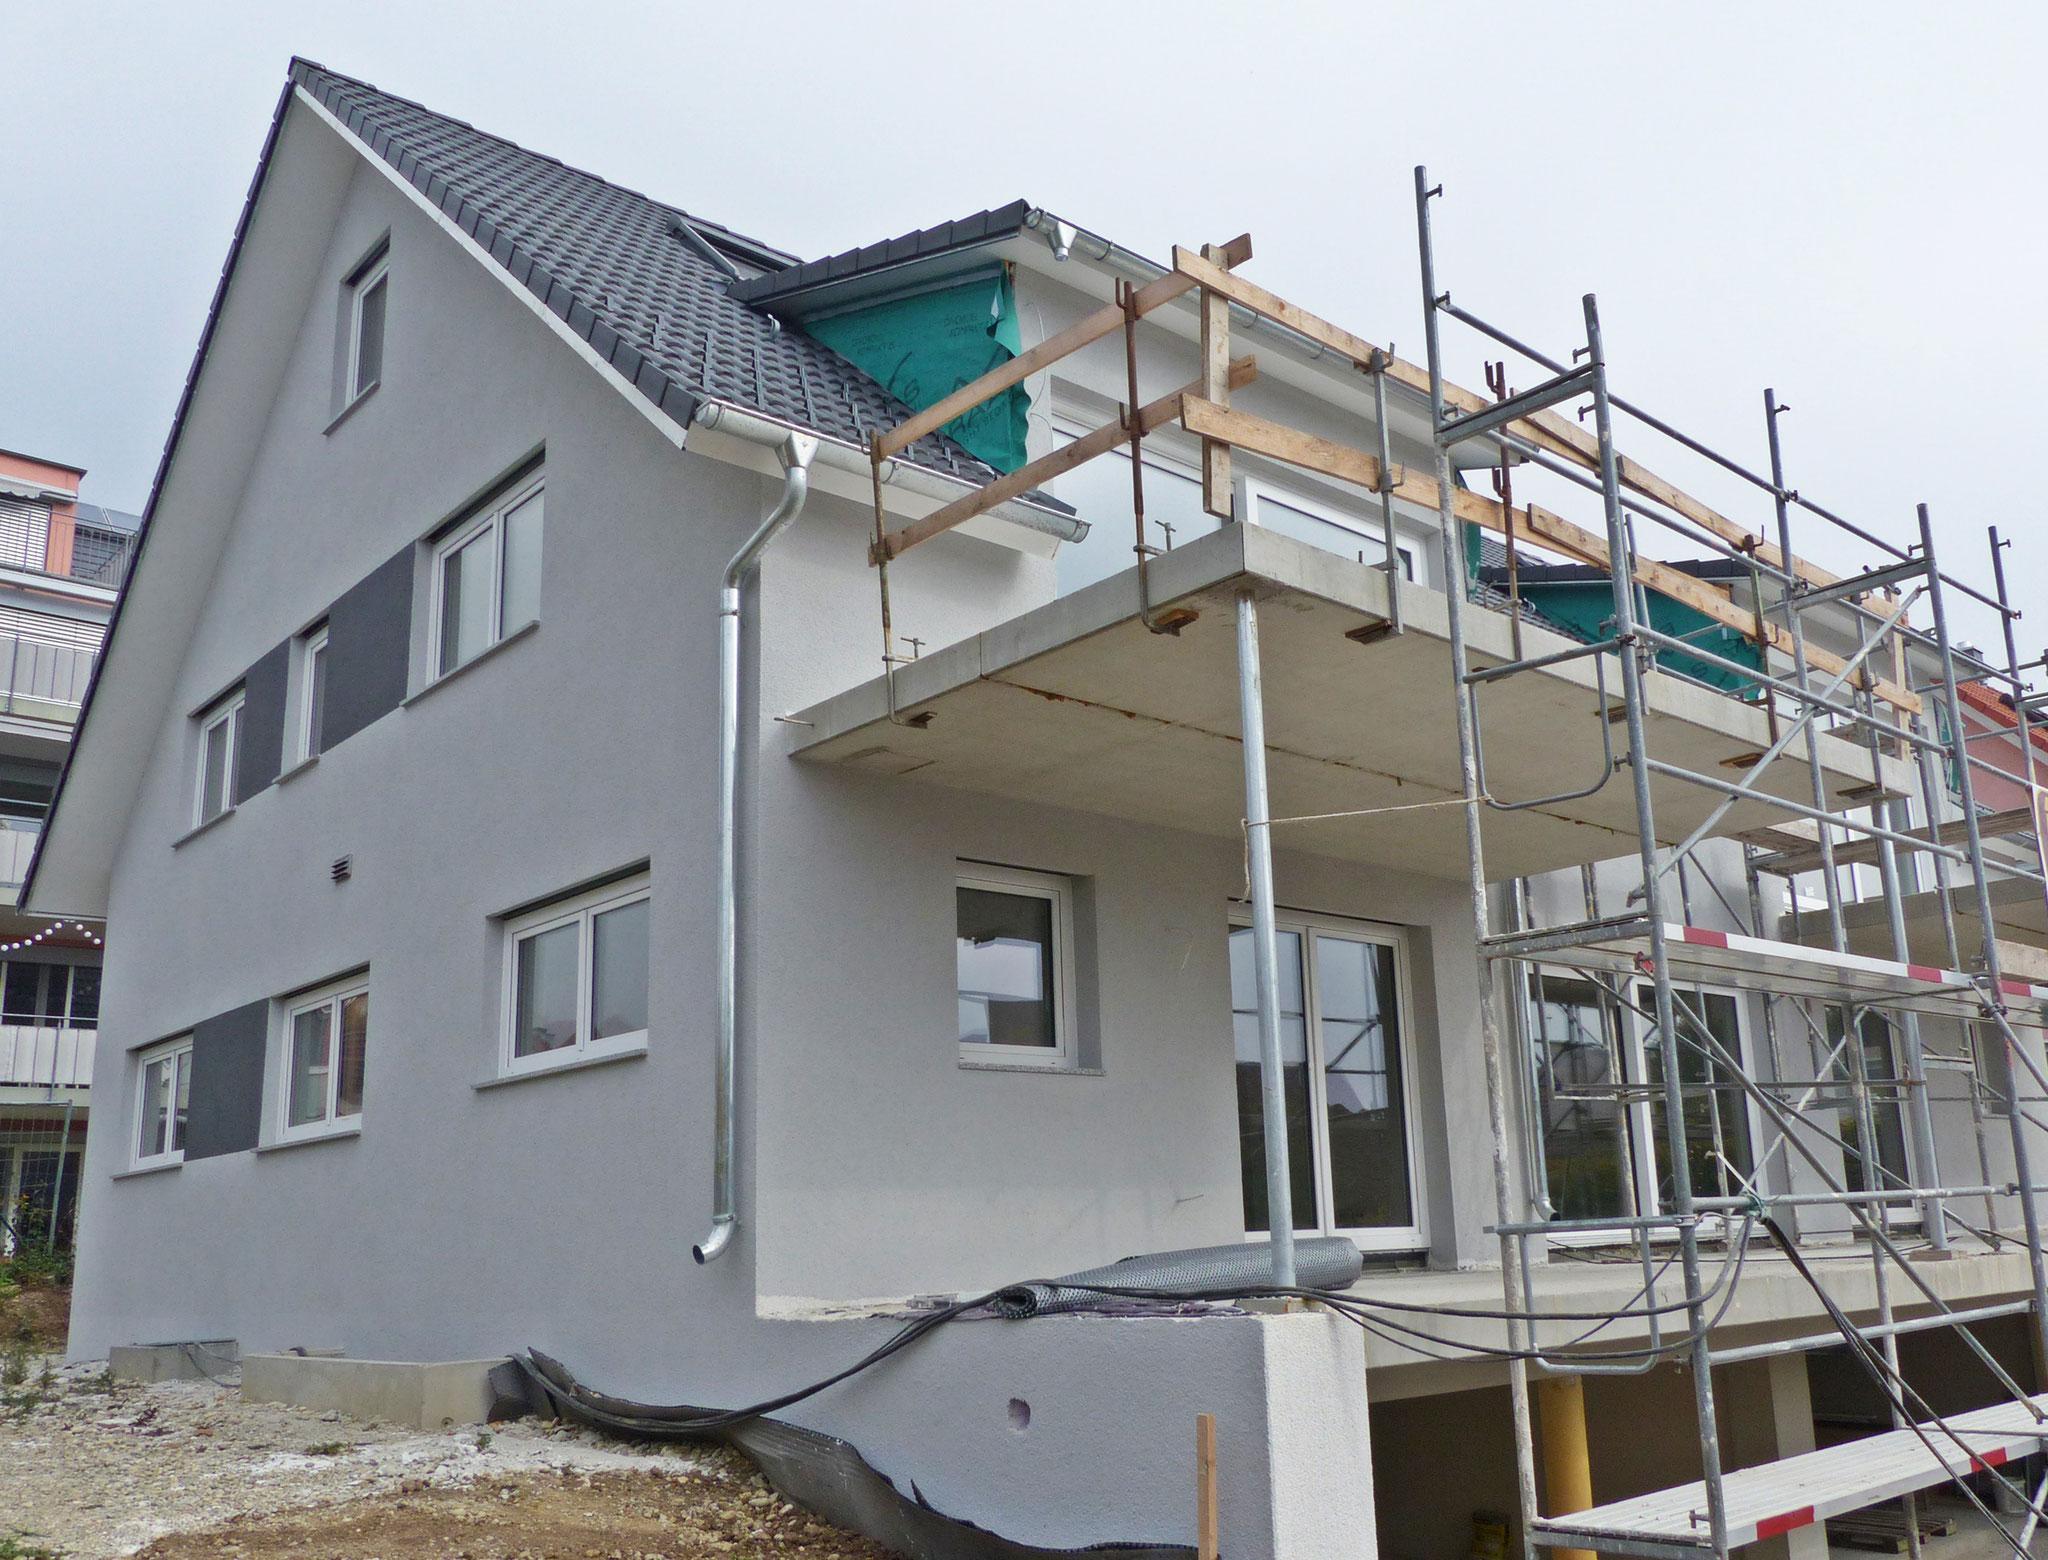 Bild aus der Bauphase